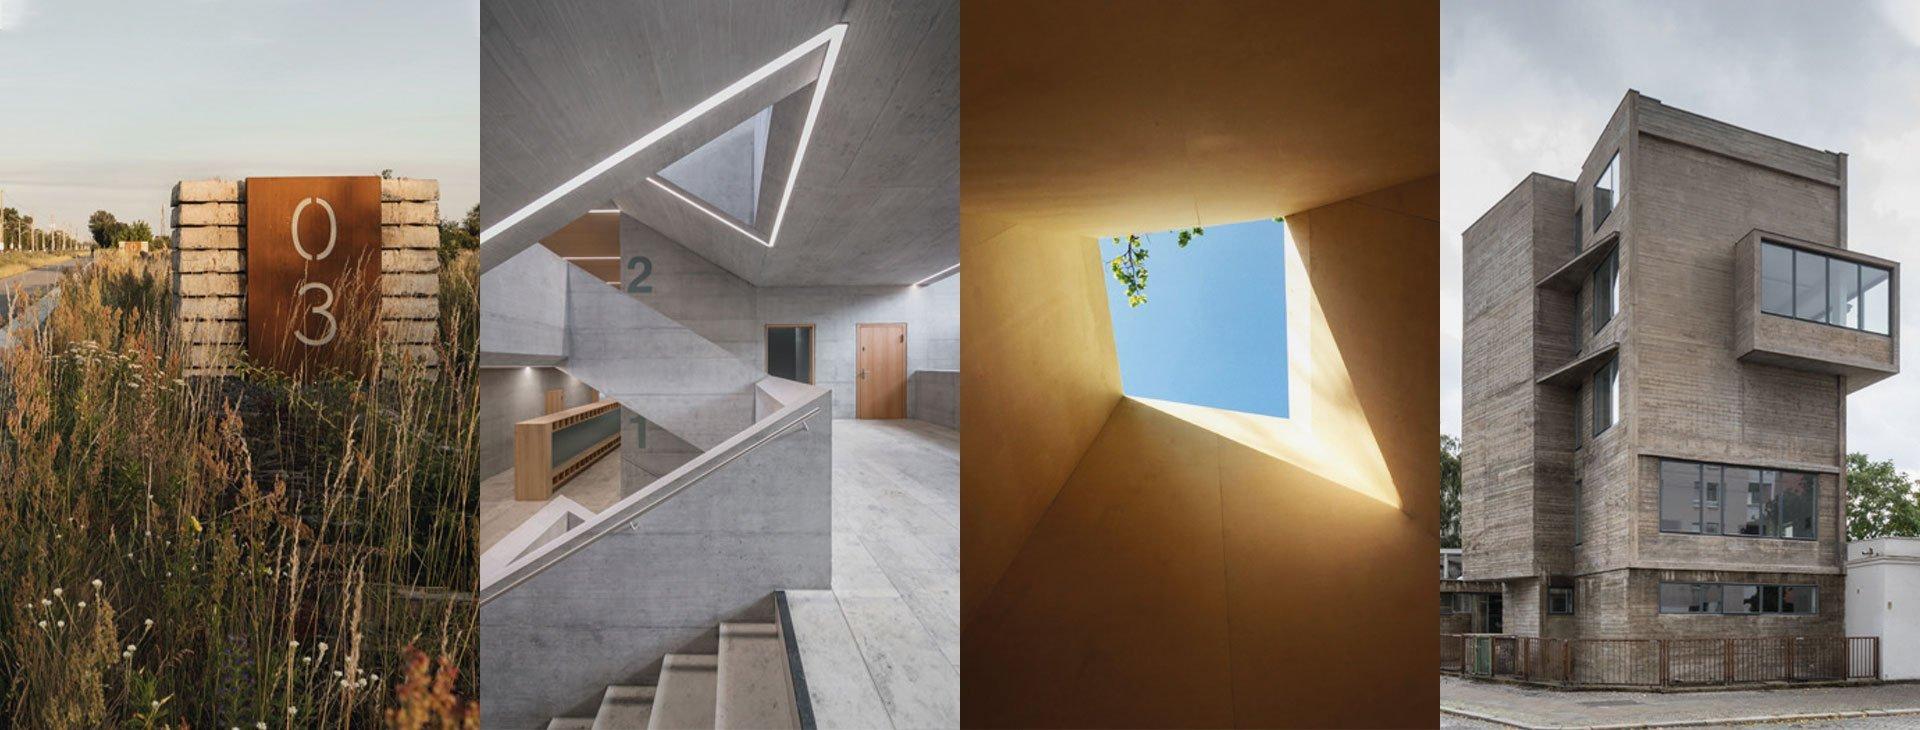 stilwerk_berlin_da_architektur_2021_stage_03